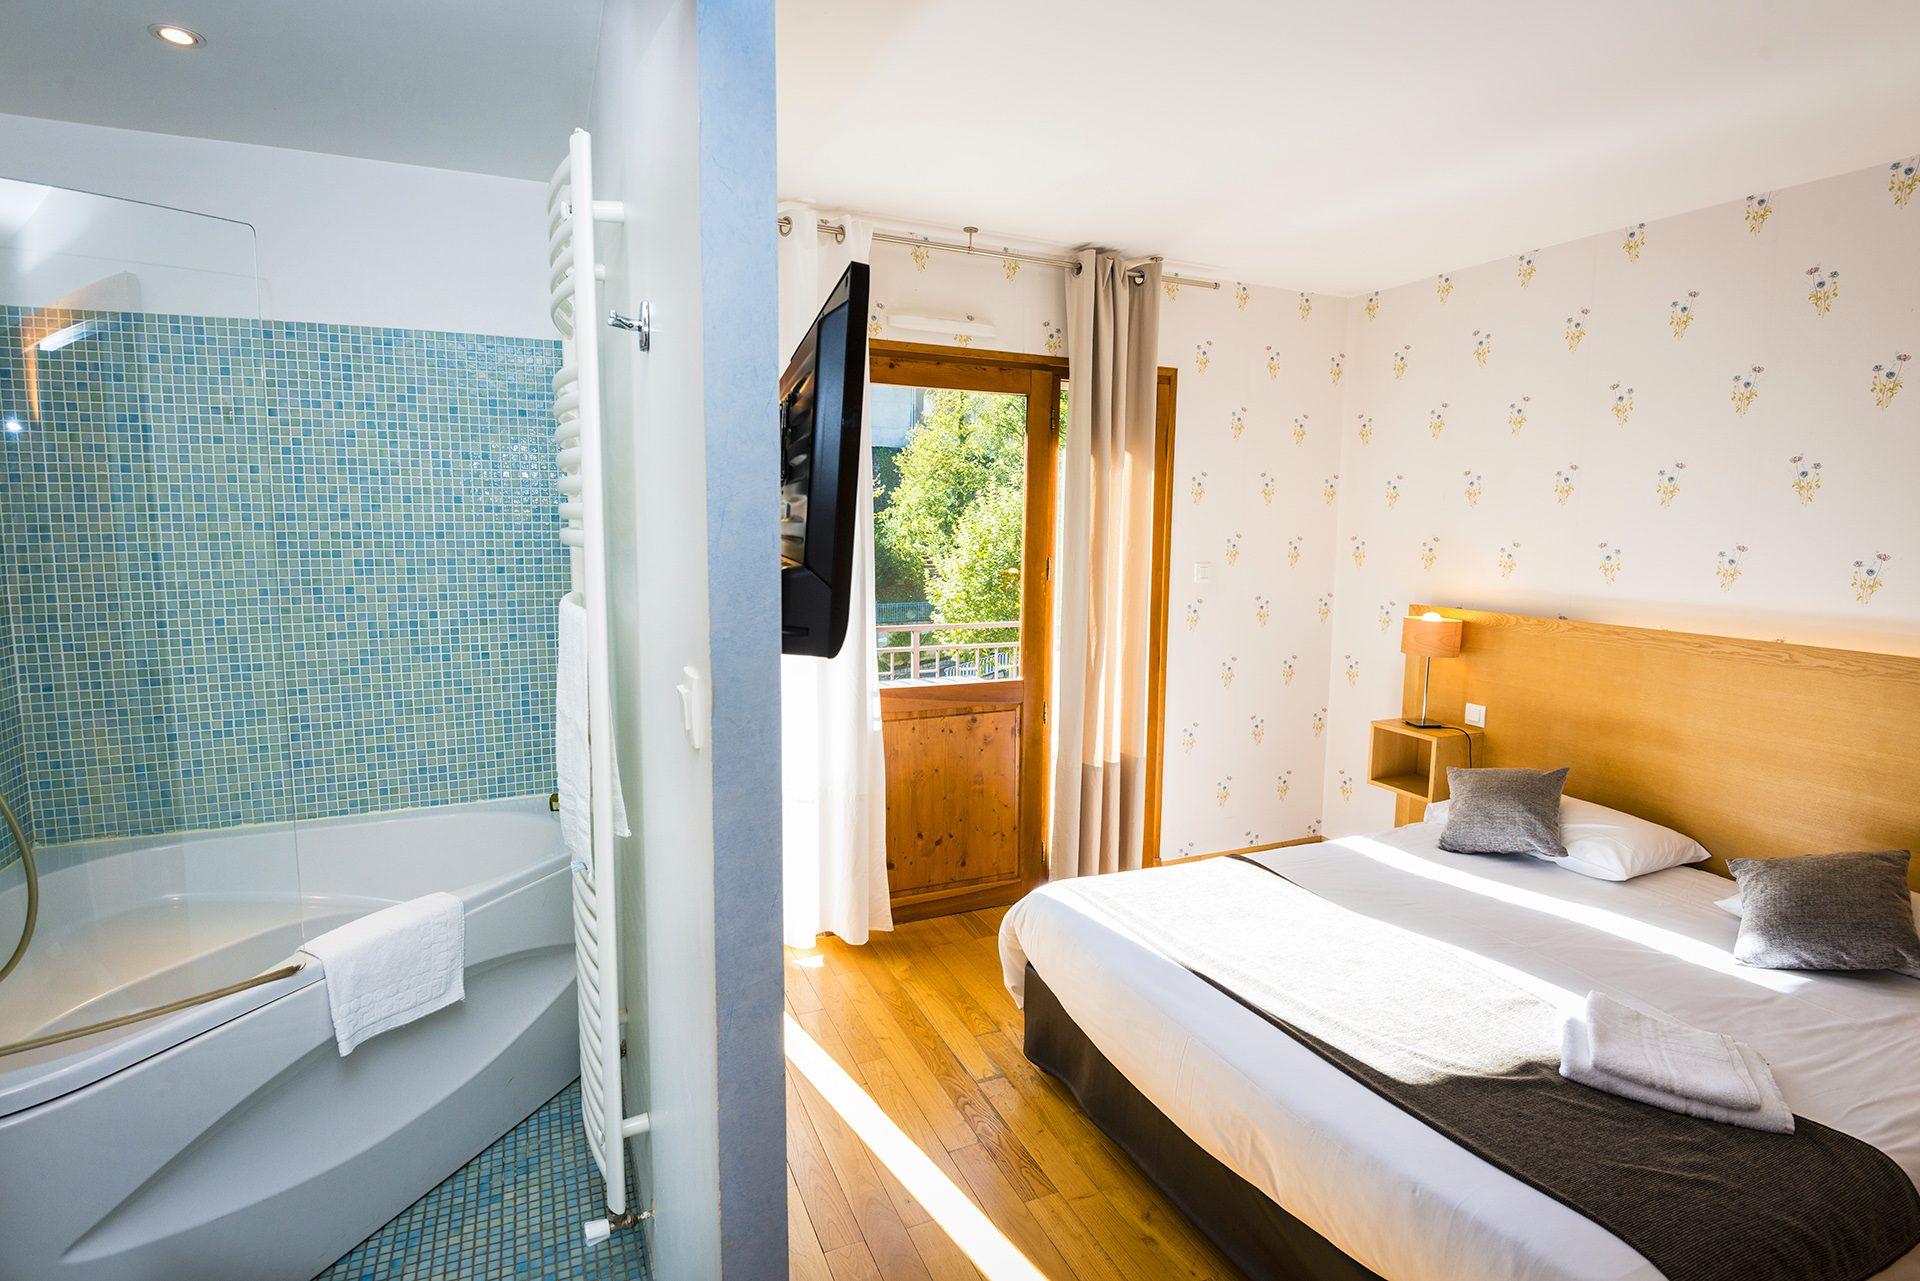 Panoramique Chambres Communicantes - Partie parents - Hôtel *** Le Chalet à Ax les Thermes en Ariège Pyrénées